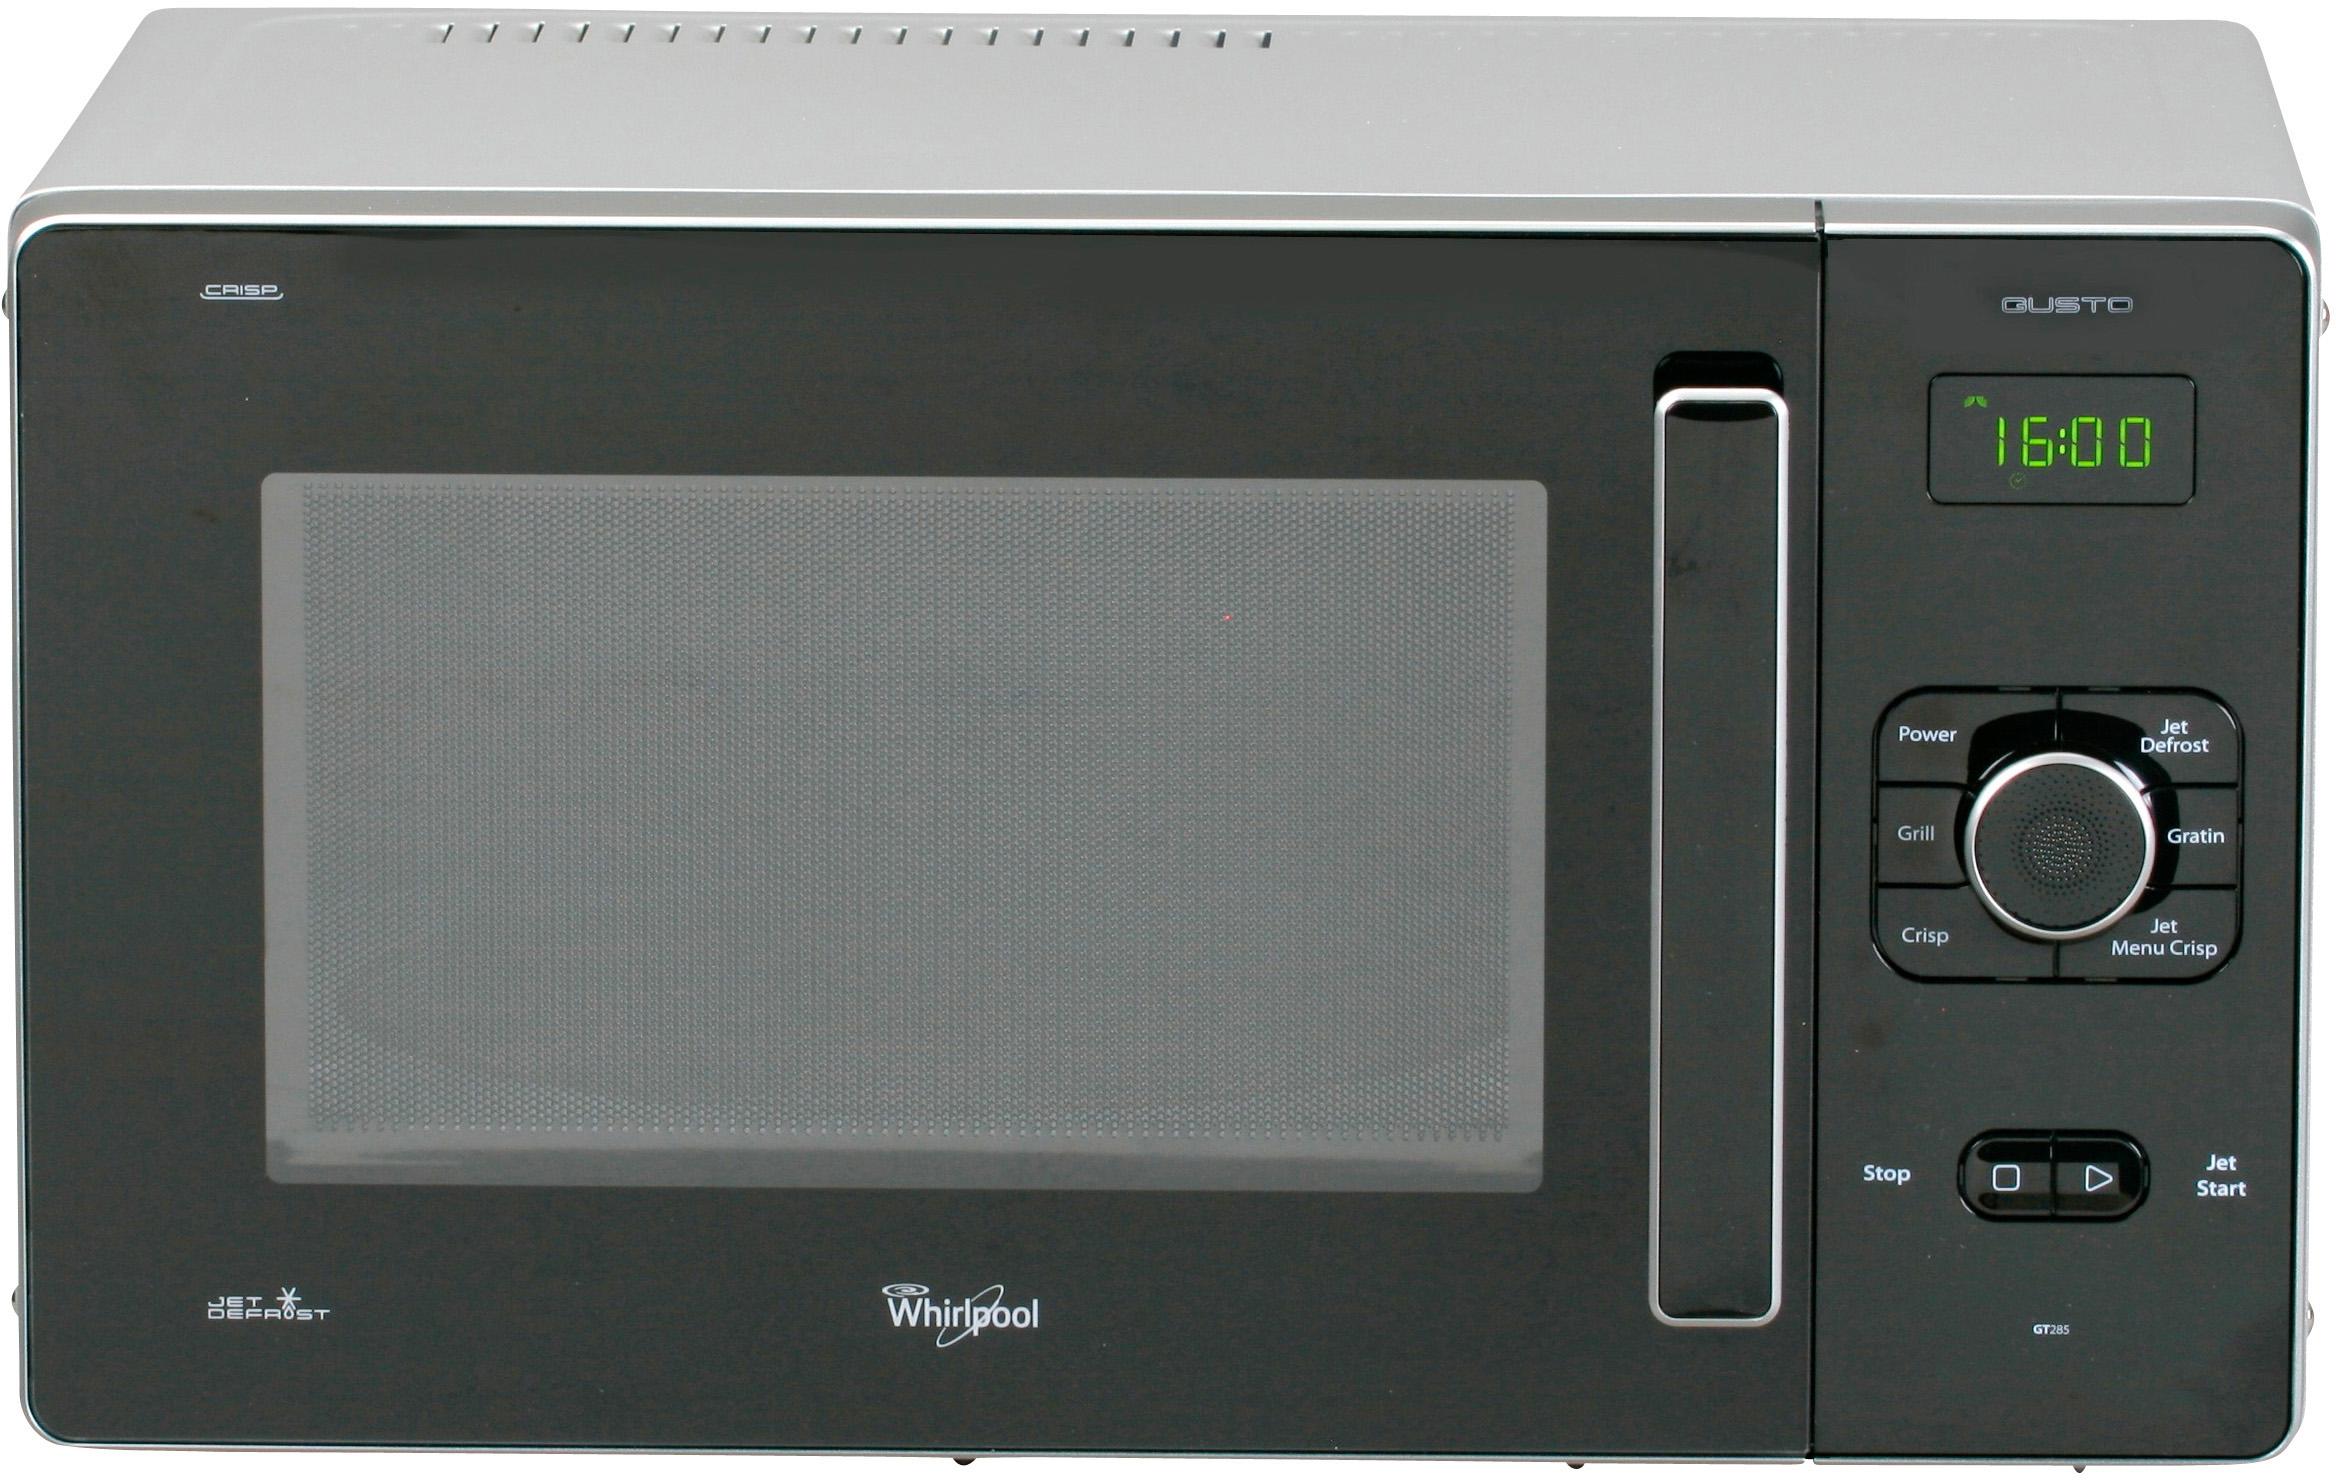 I dettagli del test sul forno a microonde WHIRLPOOL GT 285 SL